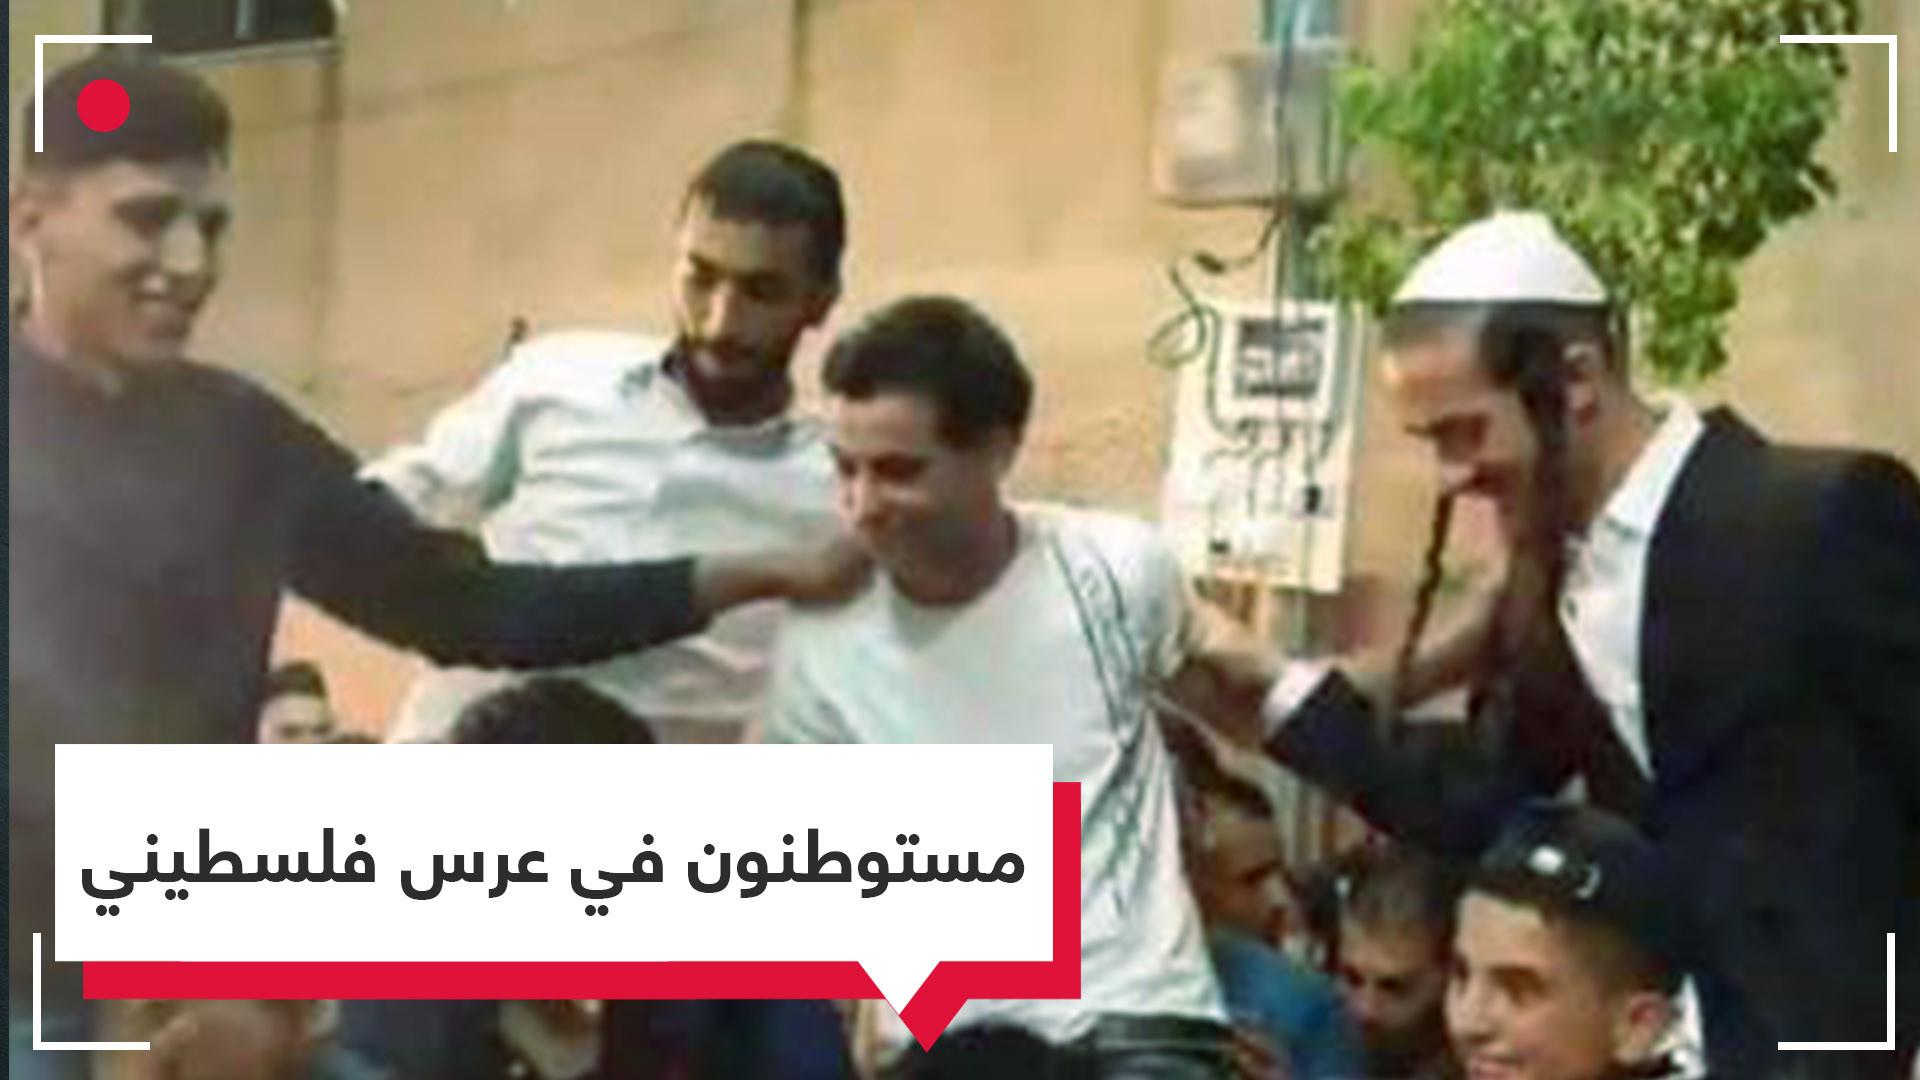 مستوطنون في عرس فلسطيني.. وجدل على مواقع التواصل!